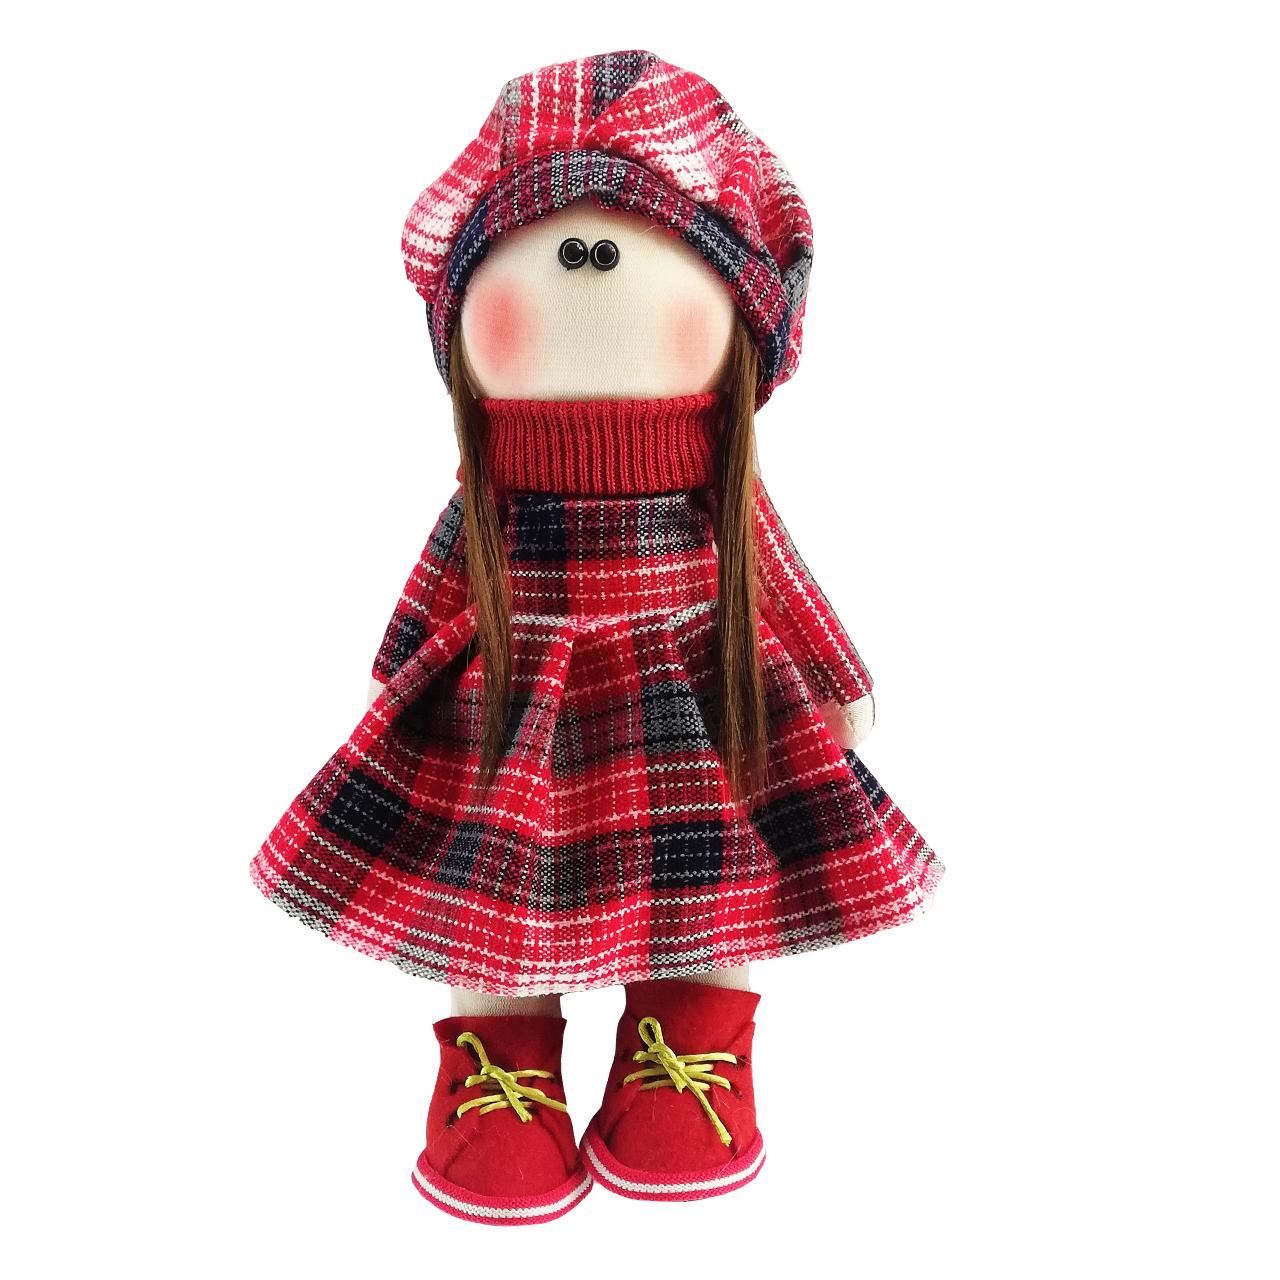 عروسک روسی طرح  کلاه قرمز کد MRK12 ارتفاع 32 سانتی متر